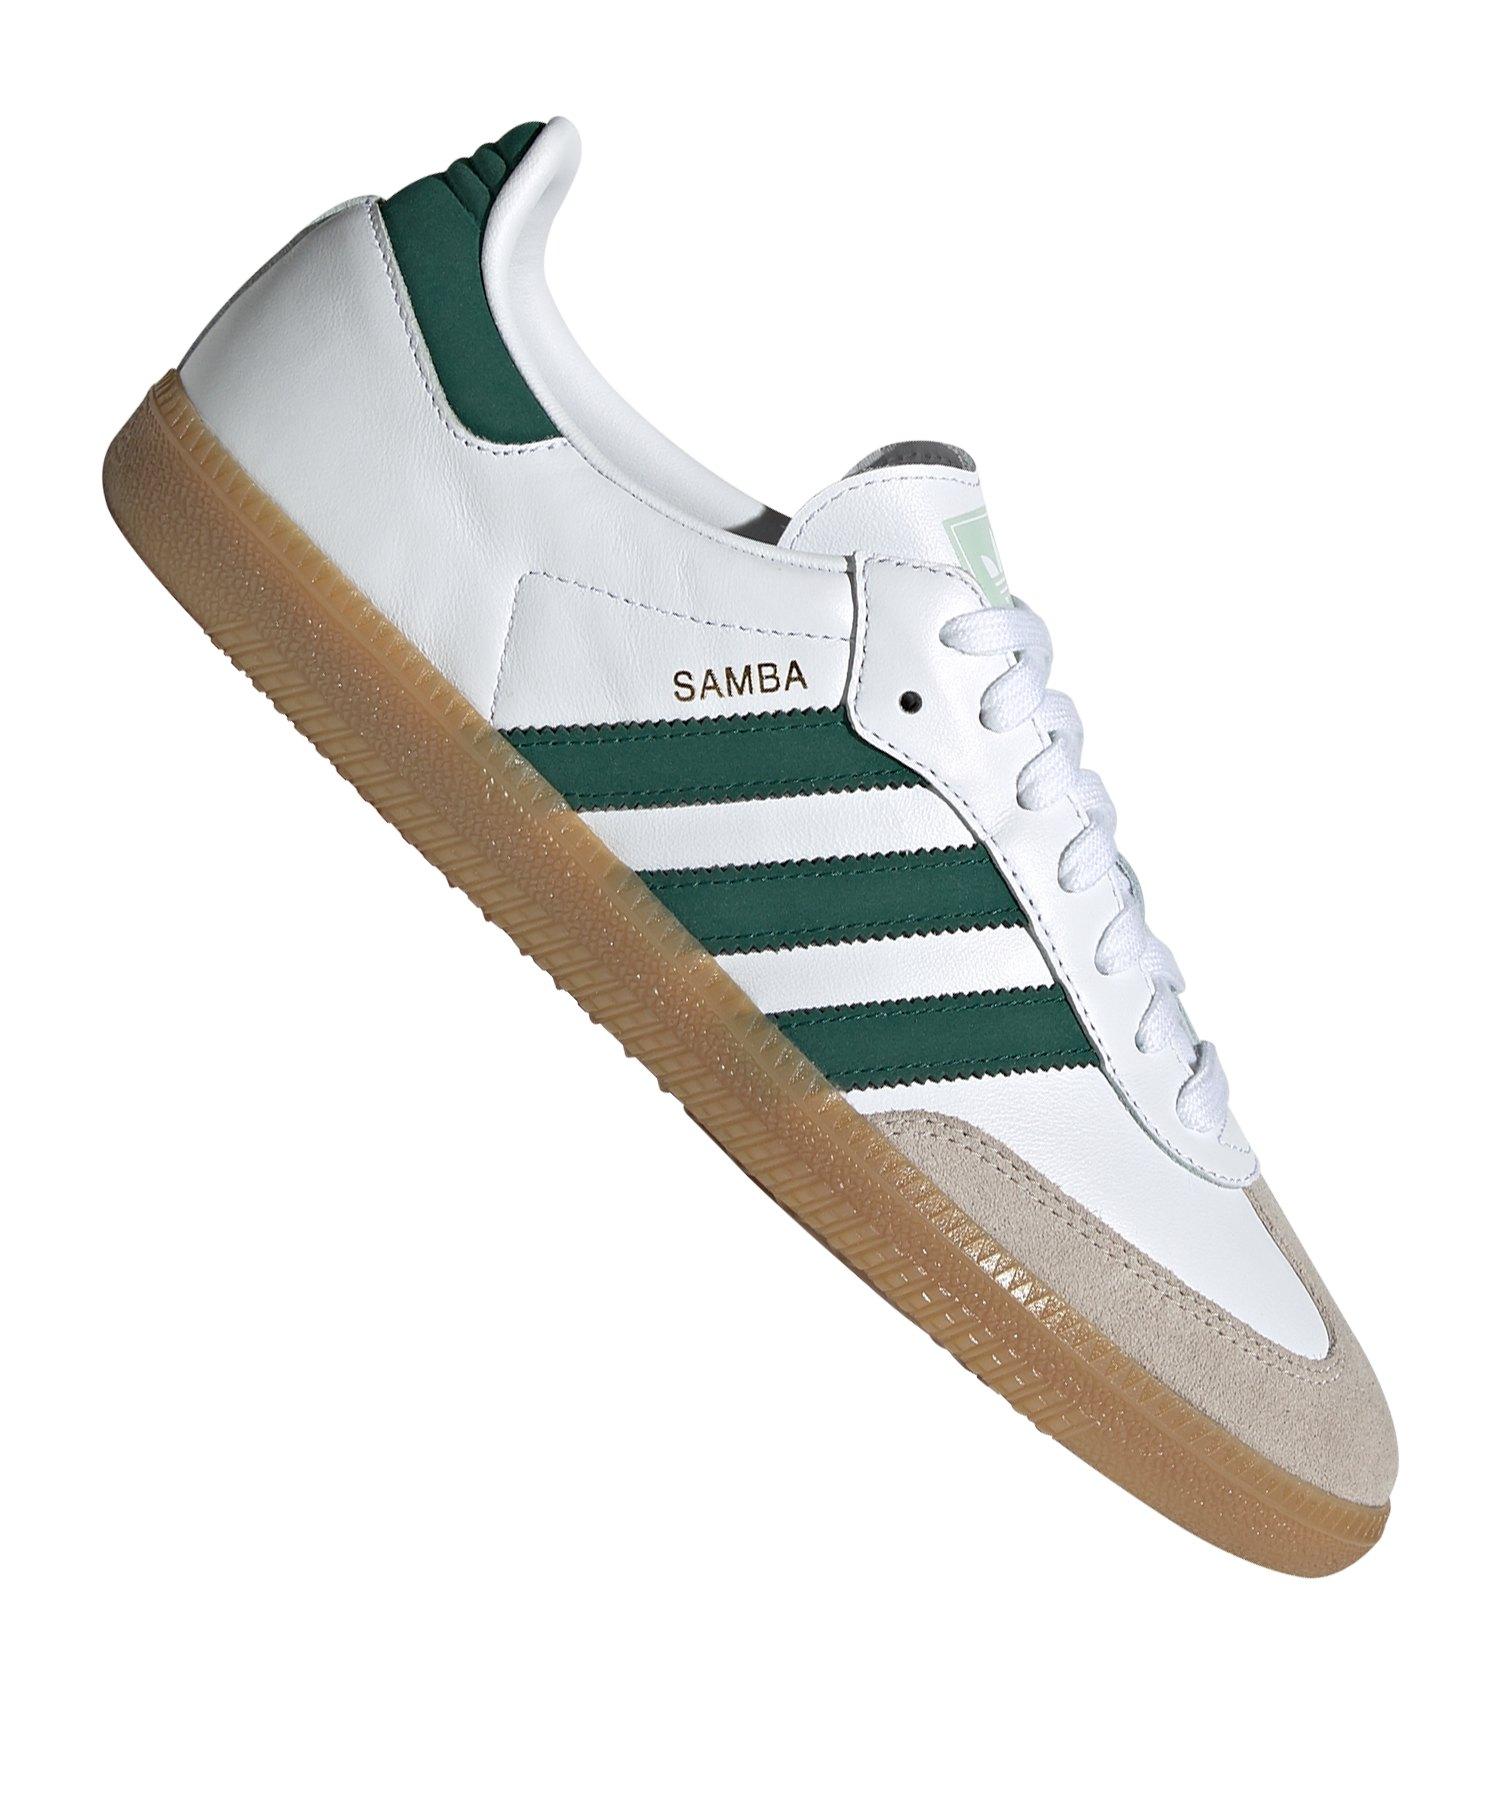 adidas Originals Samba OG Sneaker Weiss Grün